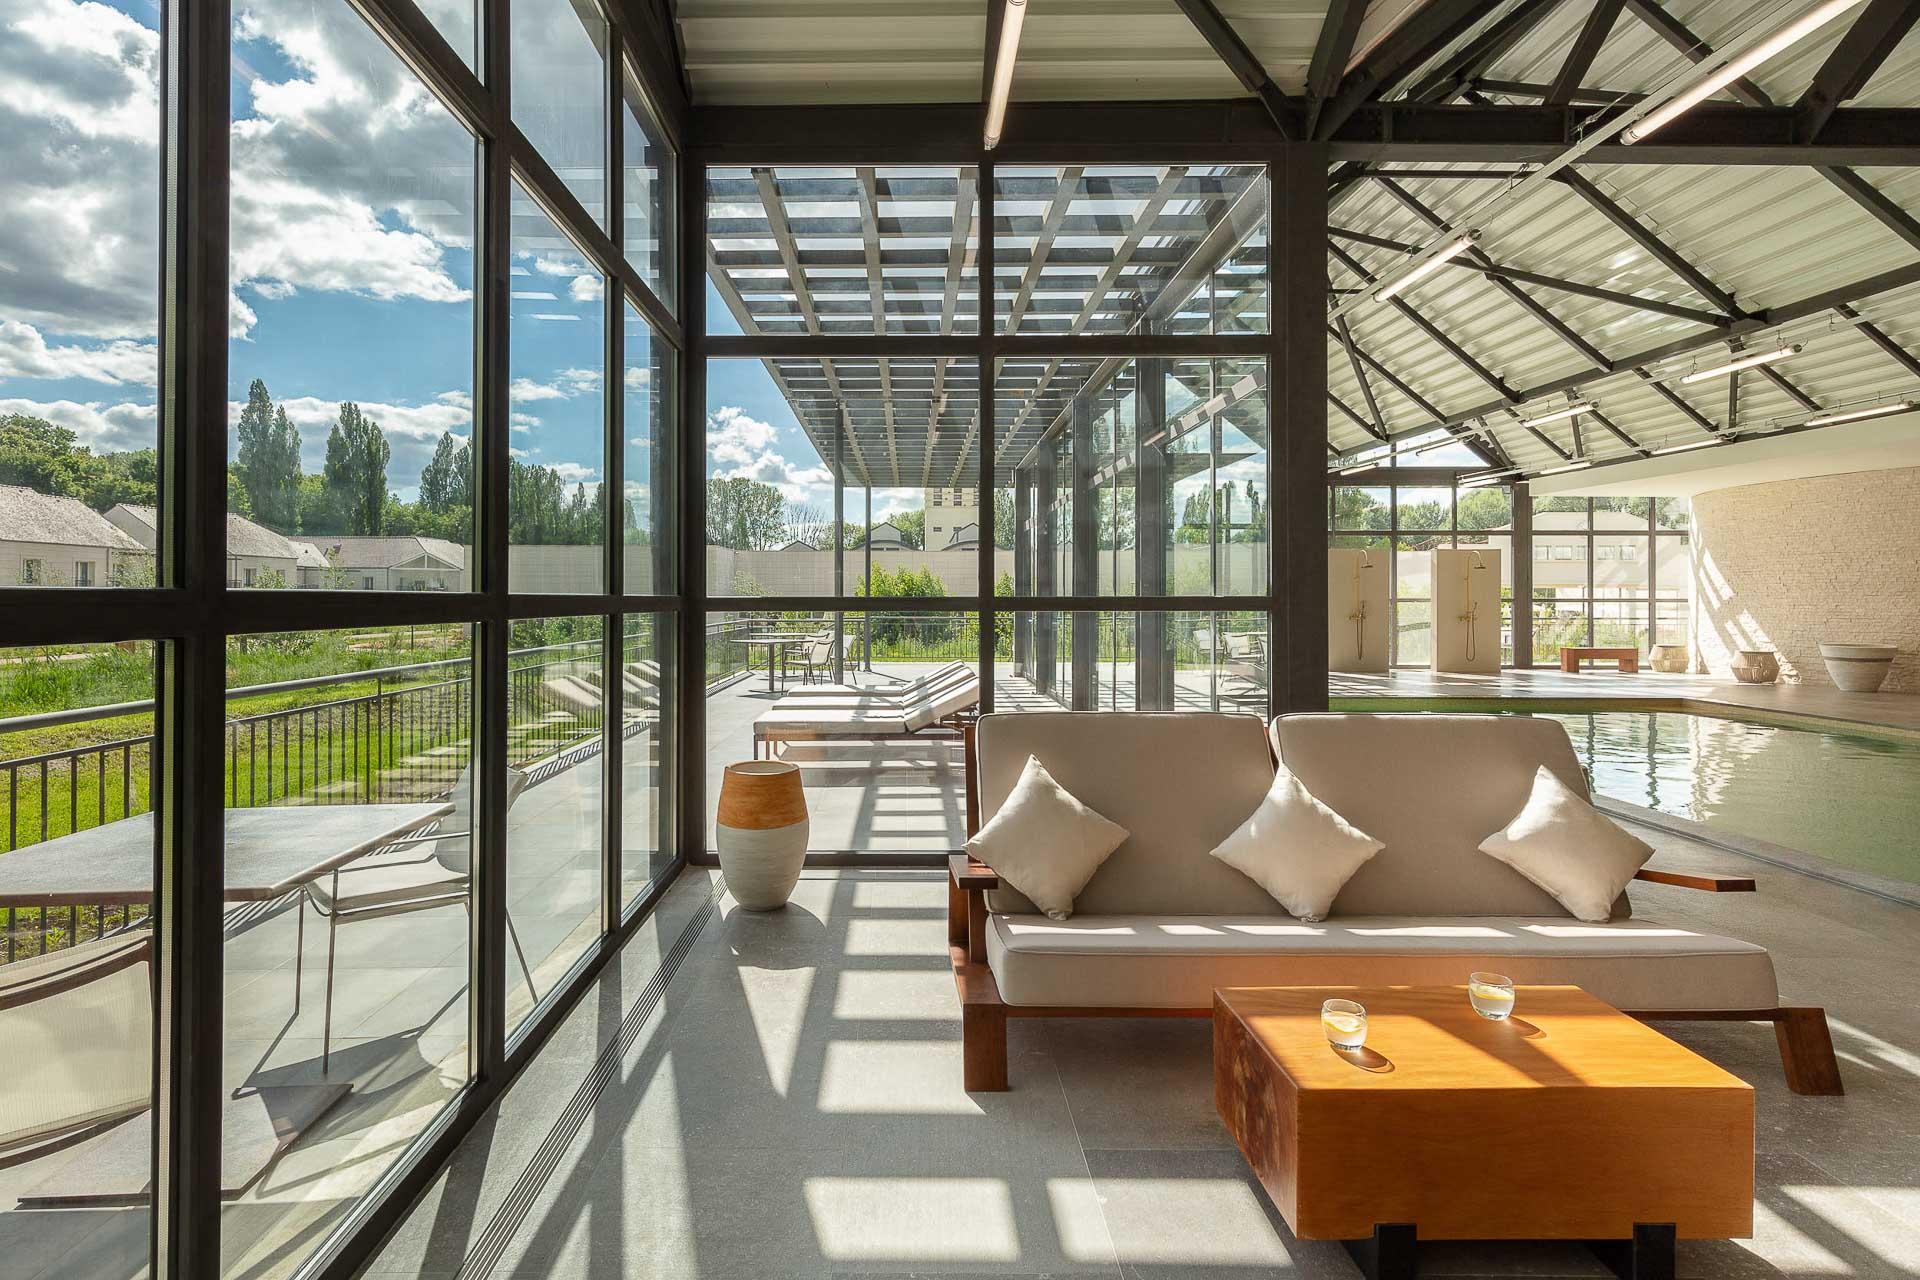 Cinq salles de soins, un hammam, un solarium, un sauna biologique (40-60°C) et un sauna traditionnel (jusqu'à 80°C),un grand salon de relaxation et une piscine intérieure chauffée équipent les lieux